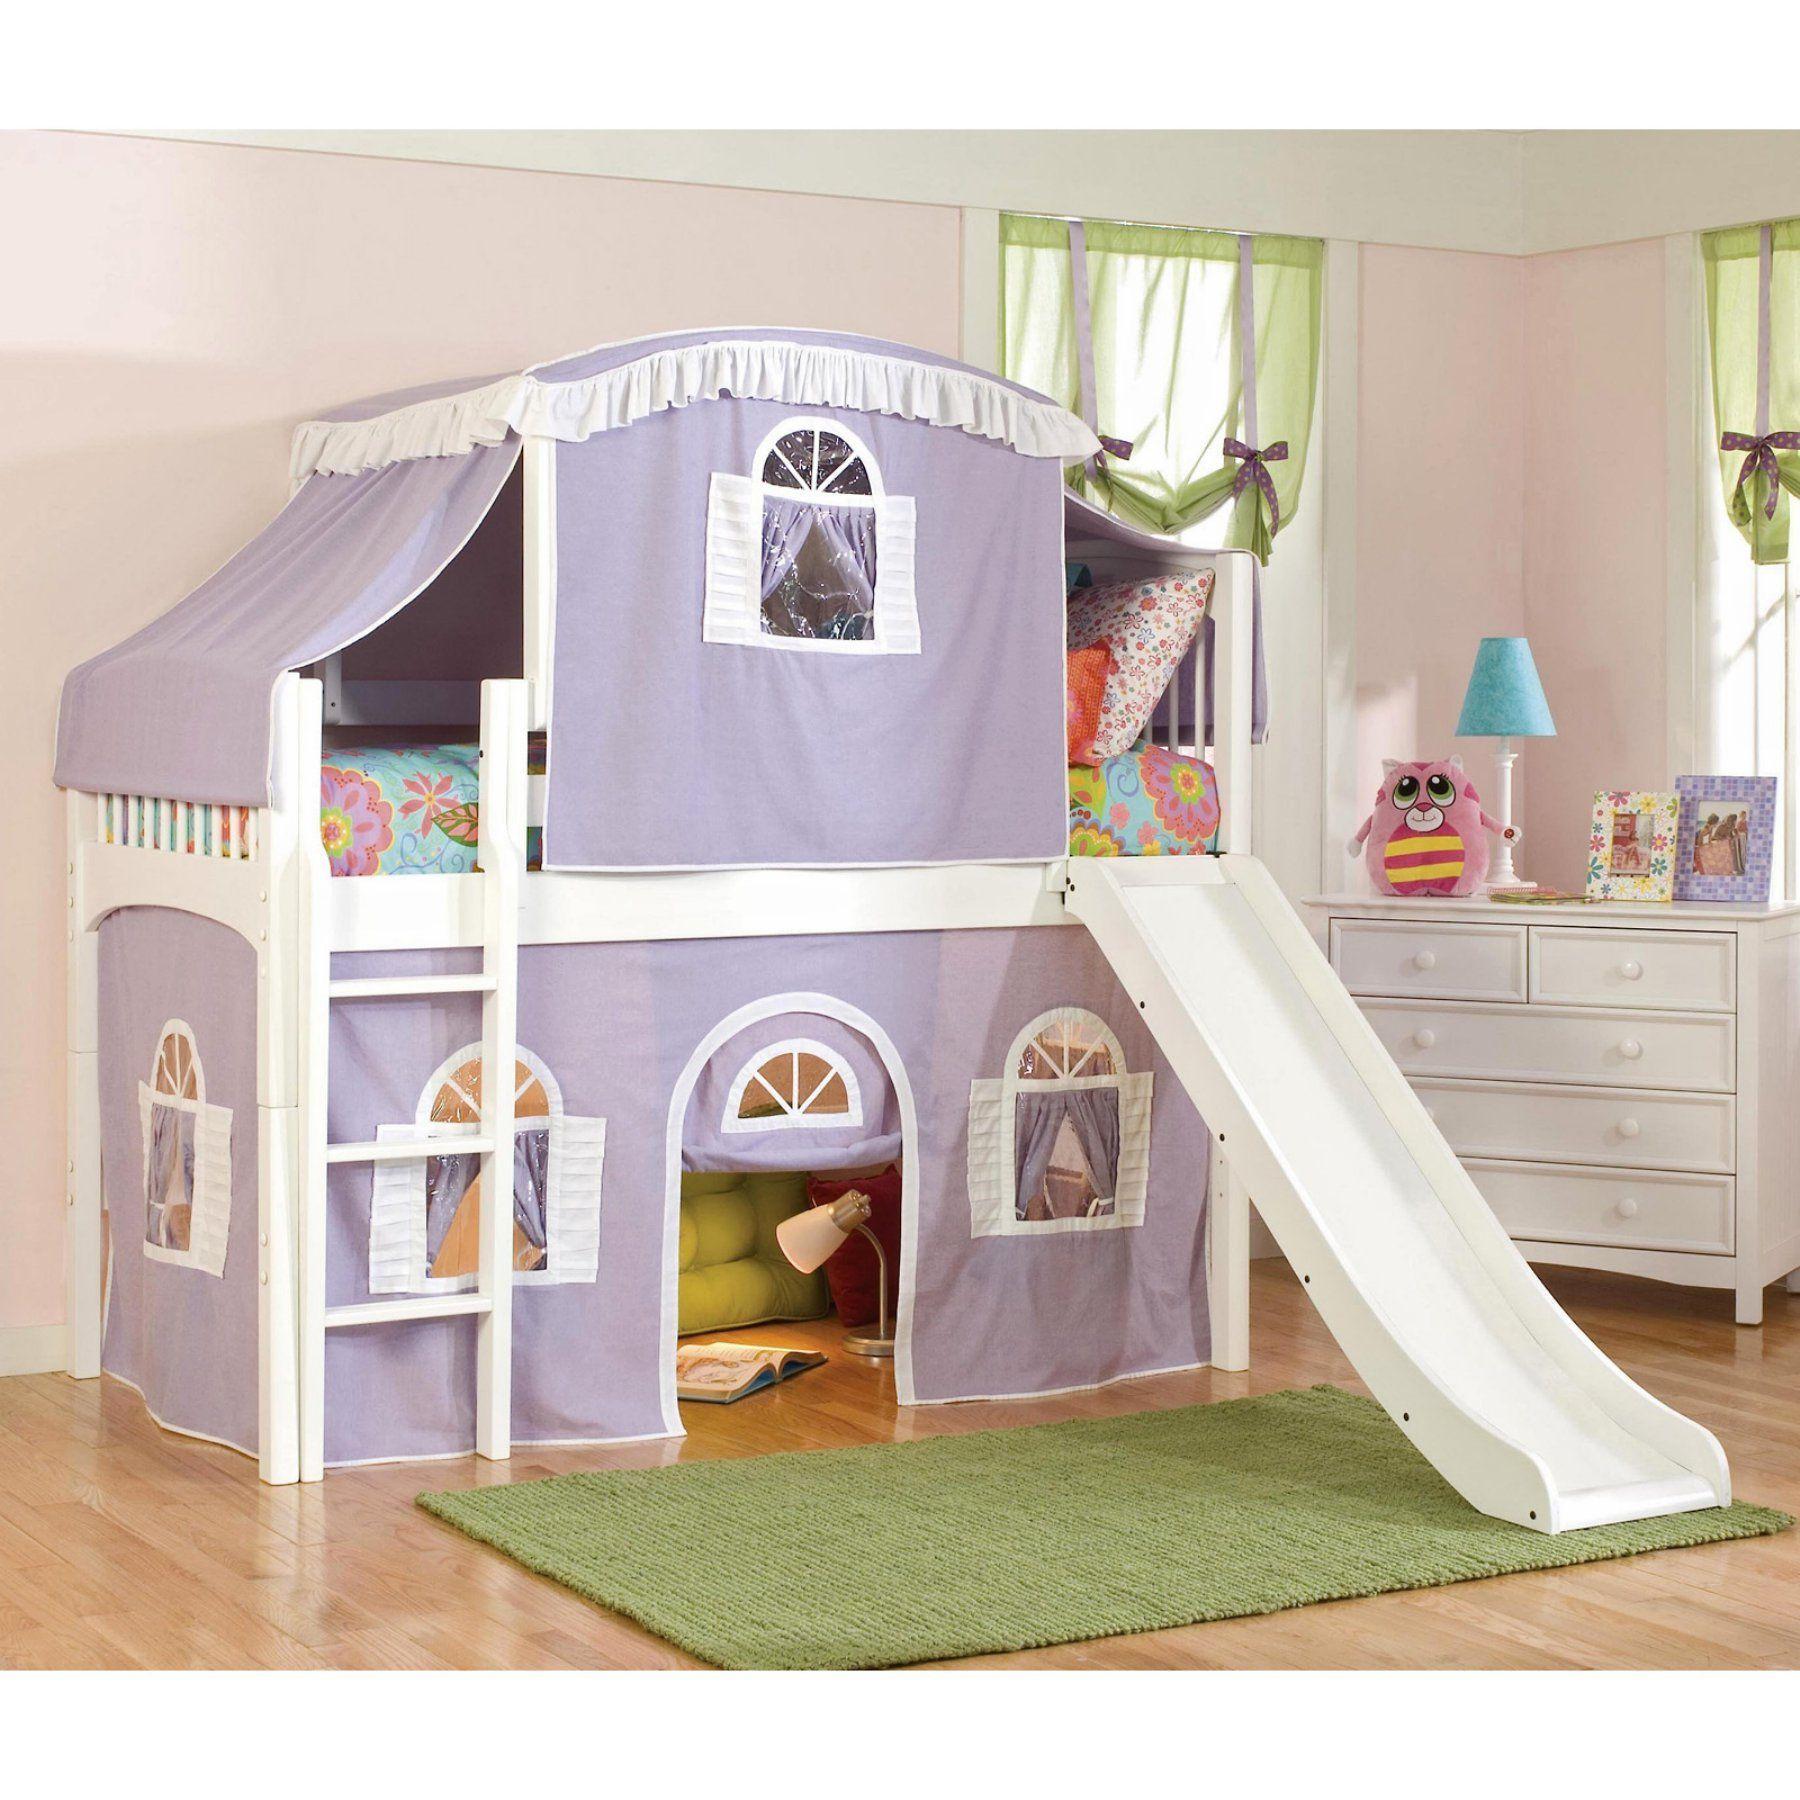 Kids low loft bed  Windsor Premier Low Loft Tent Bed  VER  Pinterest  Windsor